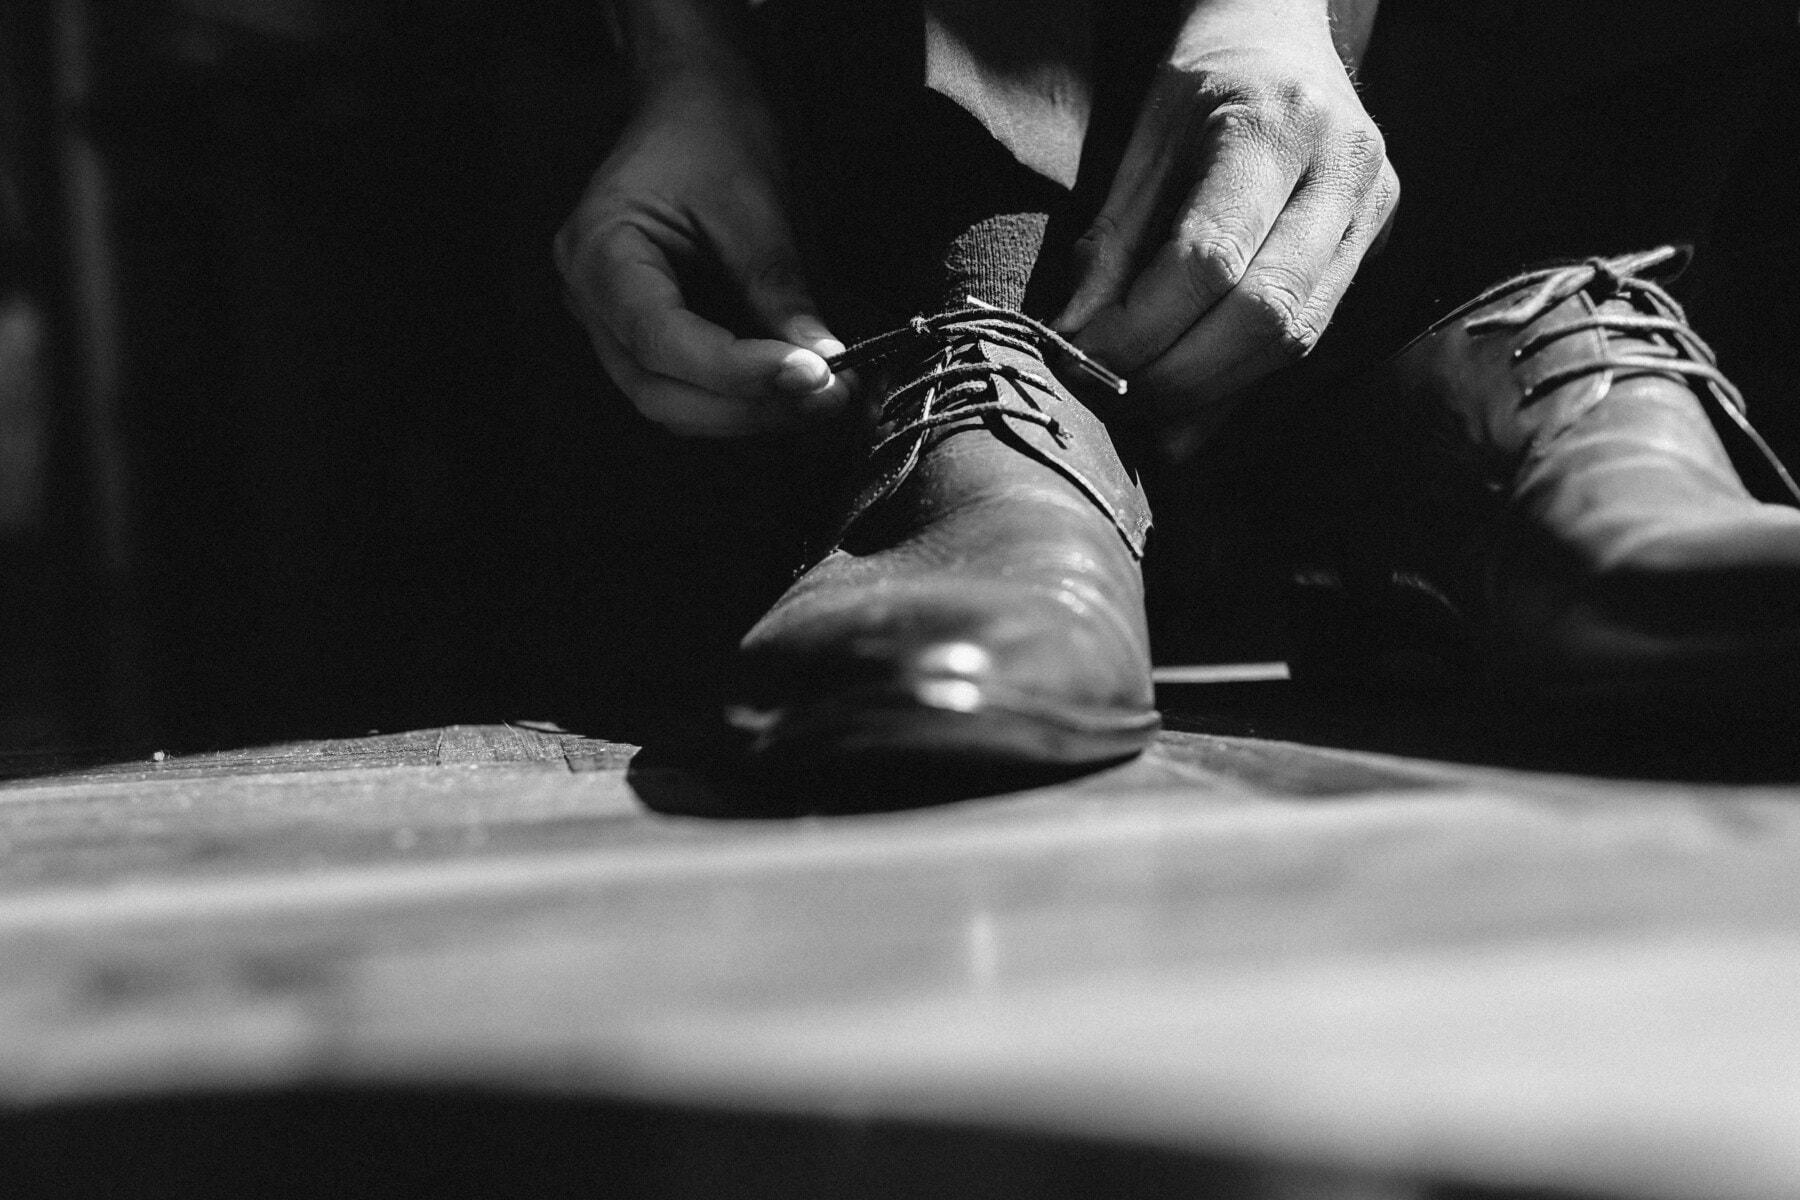 vieux, mains, sale, lacet, chaussures, homme, fermer, chaussettes, sombre, ombre